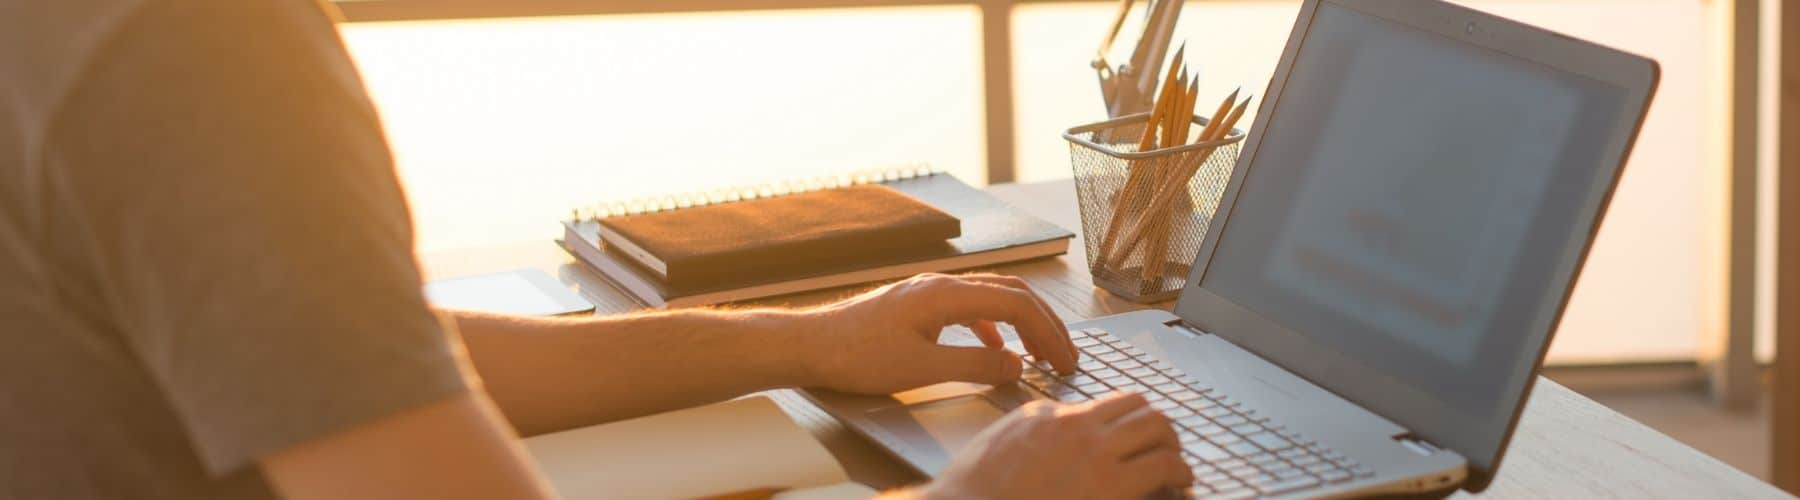 Passive Income College Students -Blog